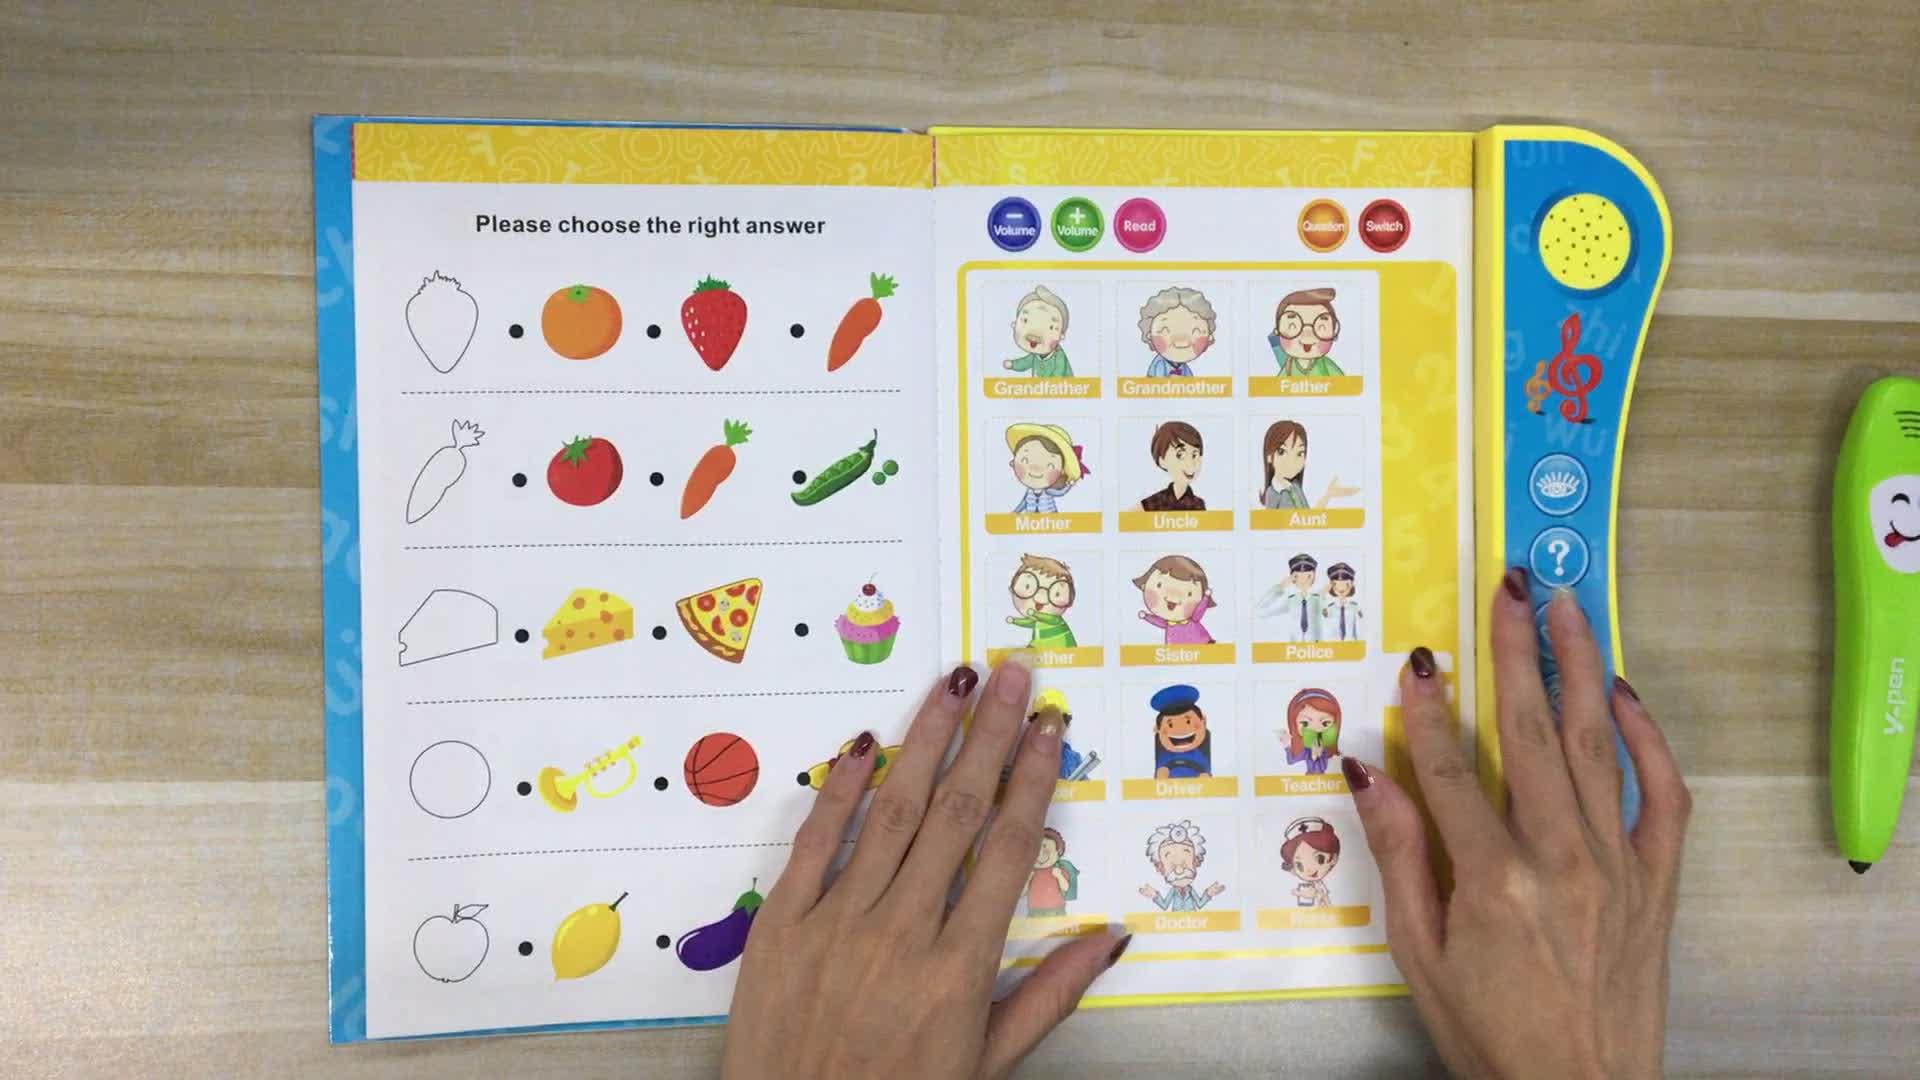 אנגלית היגיון דיבור עט ספר גן חדשים קיד חינוכי צעצוע ילד